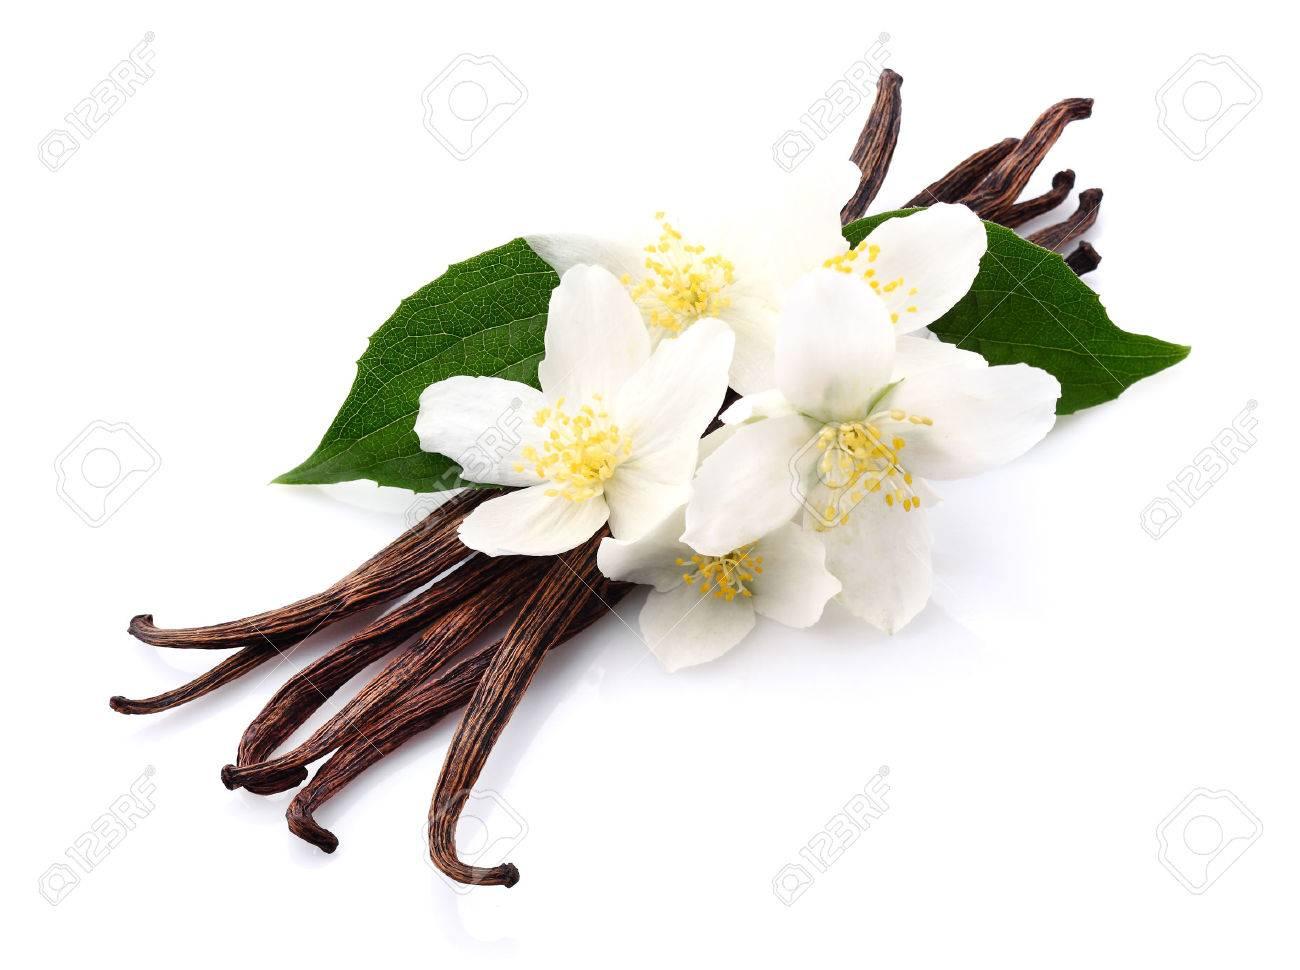 Vanilla with jasmine - 28864063